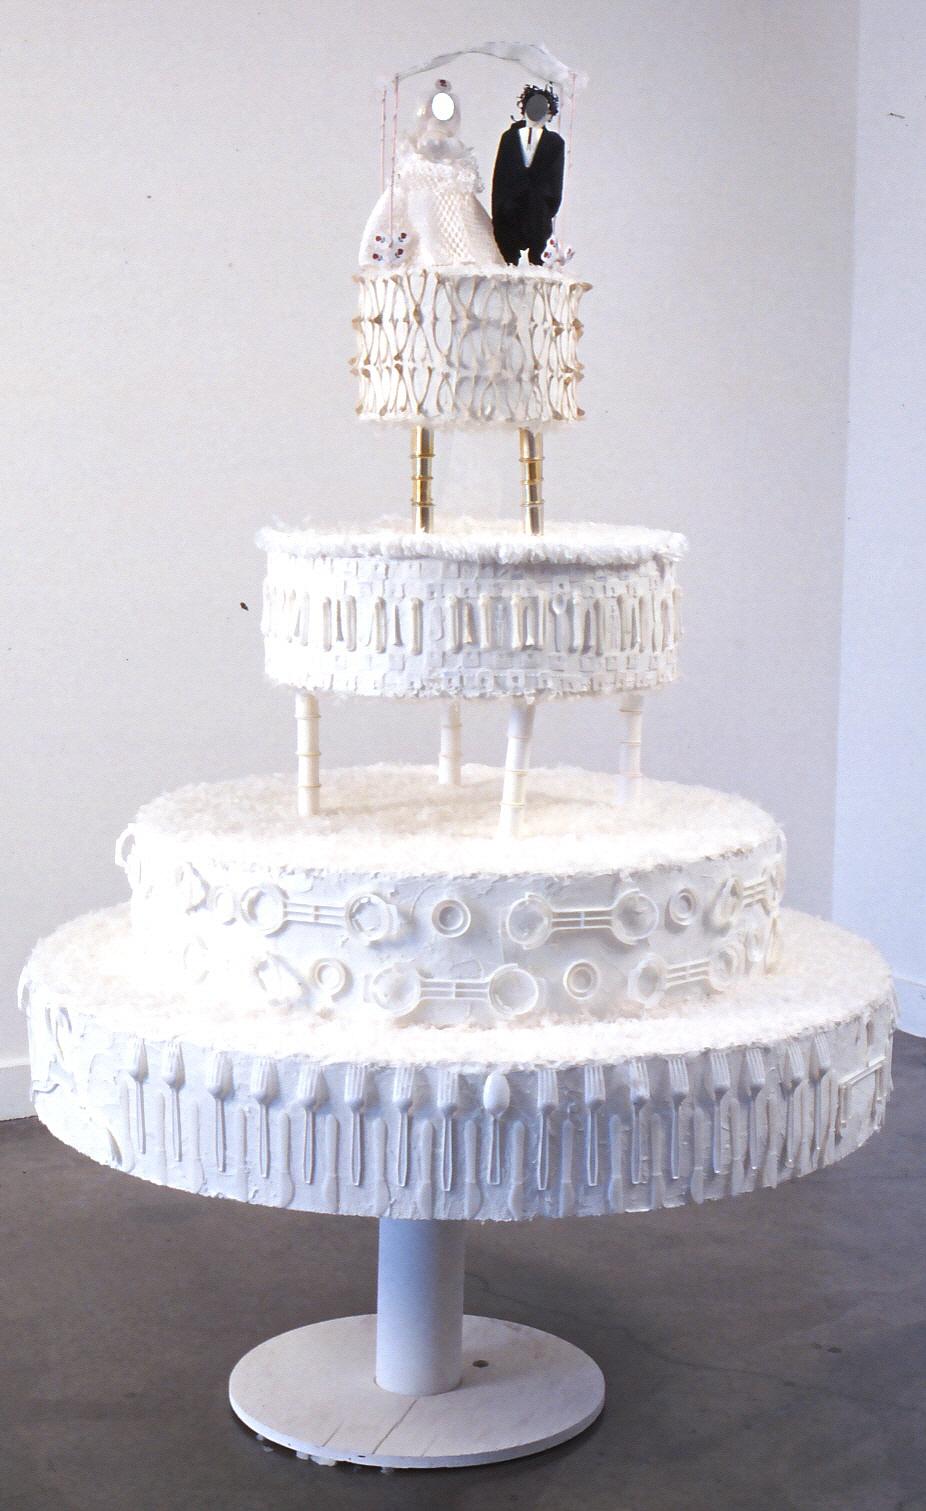 White Trash Wedding Cake by Diane Kurzyna 2002